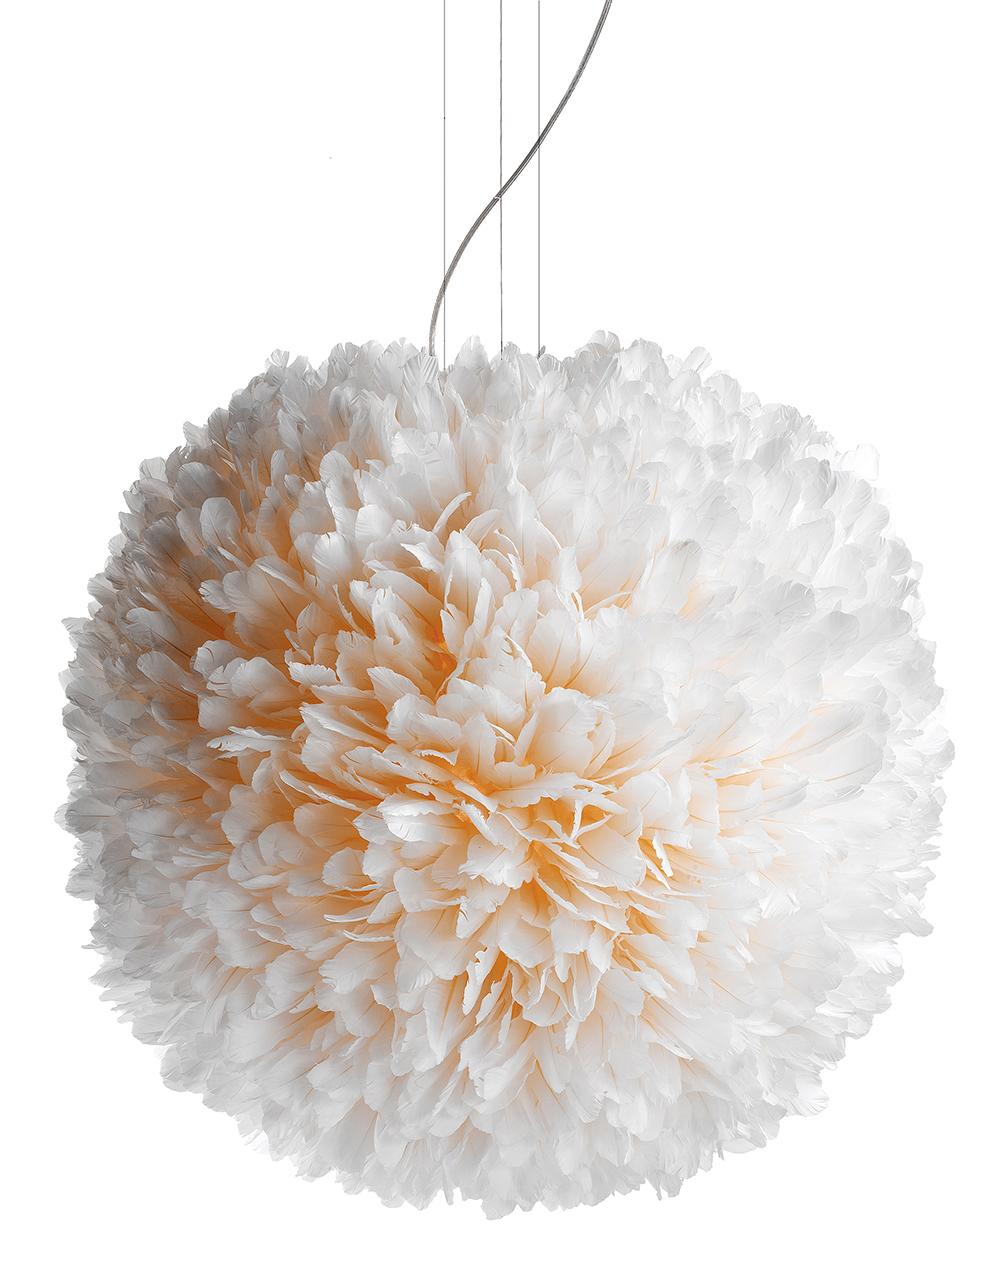 Pendelleuchte - die blütenartig gesteckte Struktur aus Gänsekielfedern erinnert an Pusteblumen. Zart und still diffundiert das weiche Licht durch das üppig weiche Material des Vogelkleids.